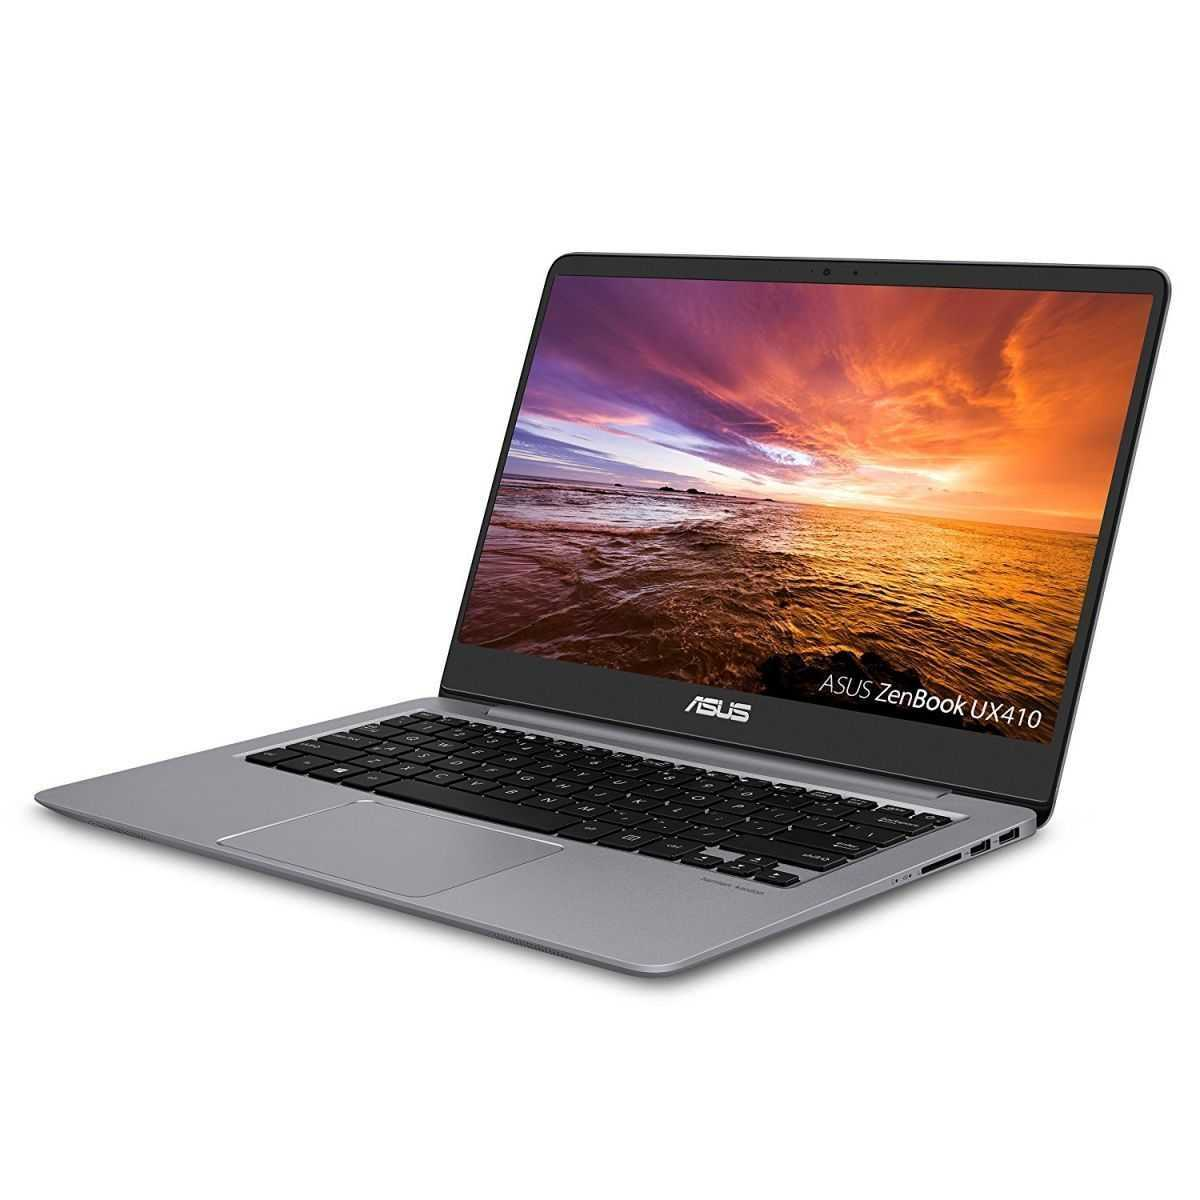 מחשב נייד Asus ZenBook UX410UA-GV536 אסוס